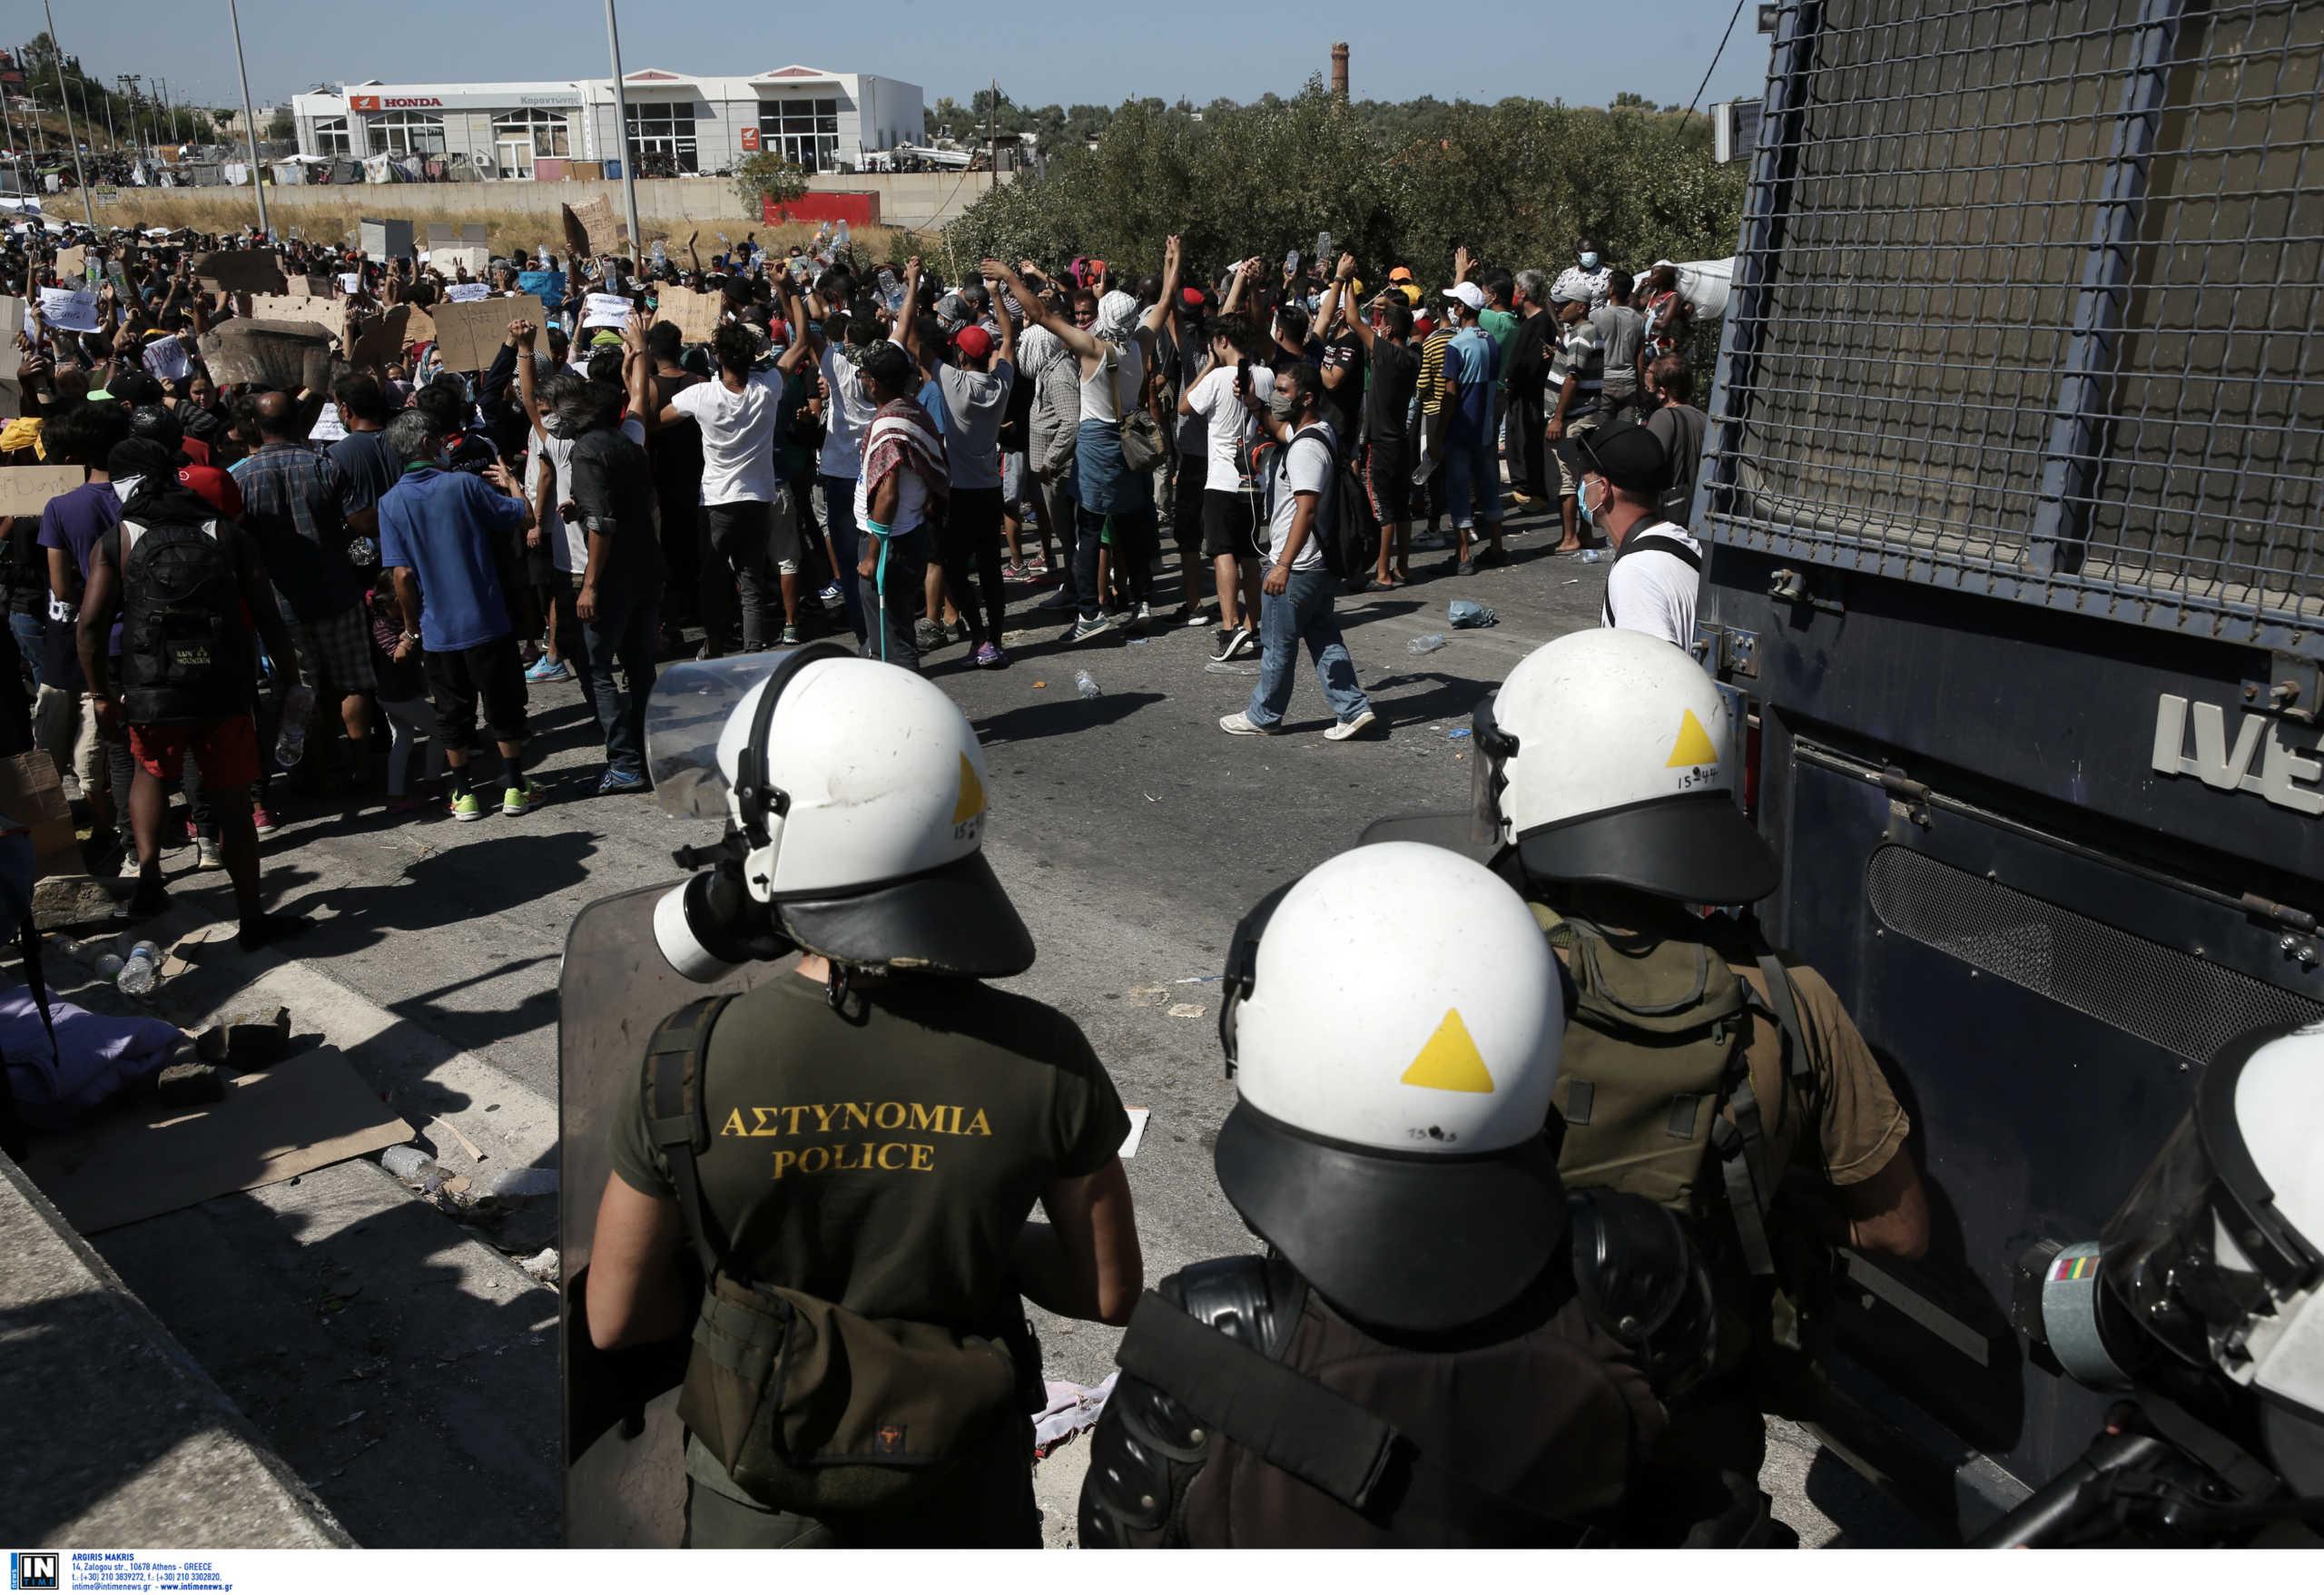 Μόρια: Στο Καρά Τεπέ οι πρόσφυγες εν μέσω αντιδράσεων – Με ελικόπτερα μεταφέρουν τις σκηνές! (pics)